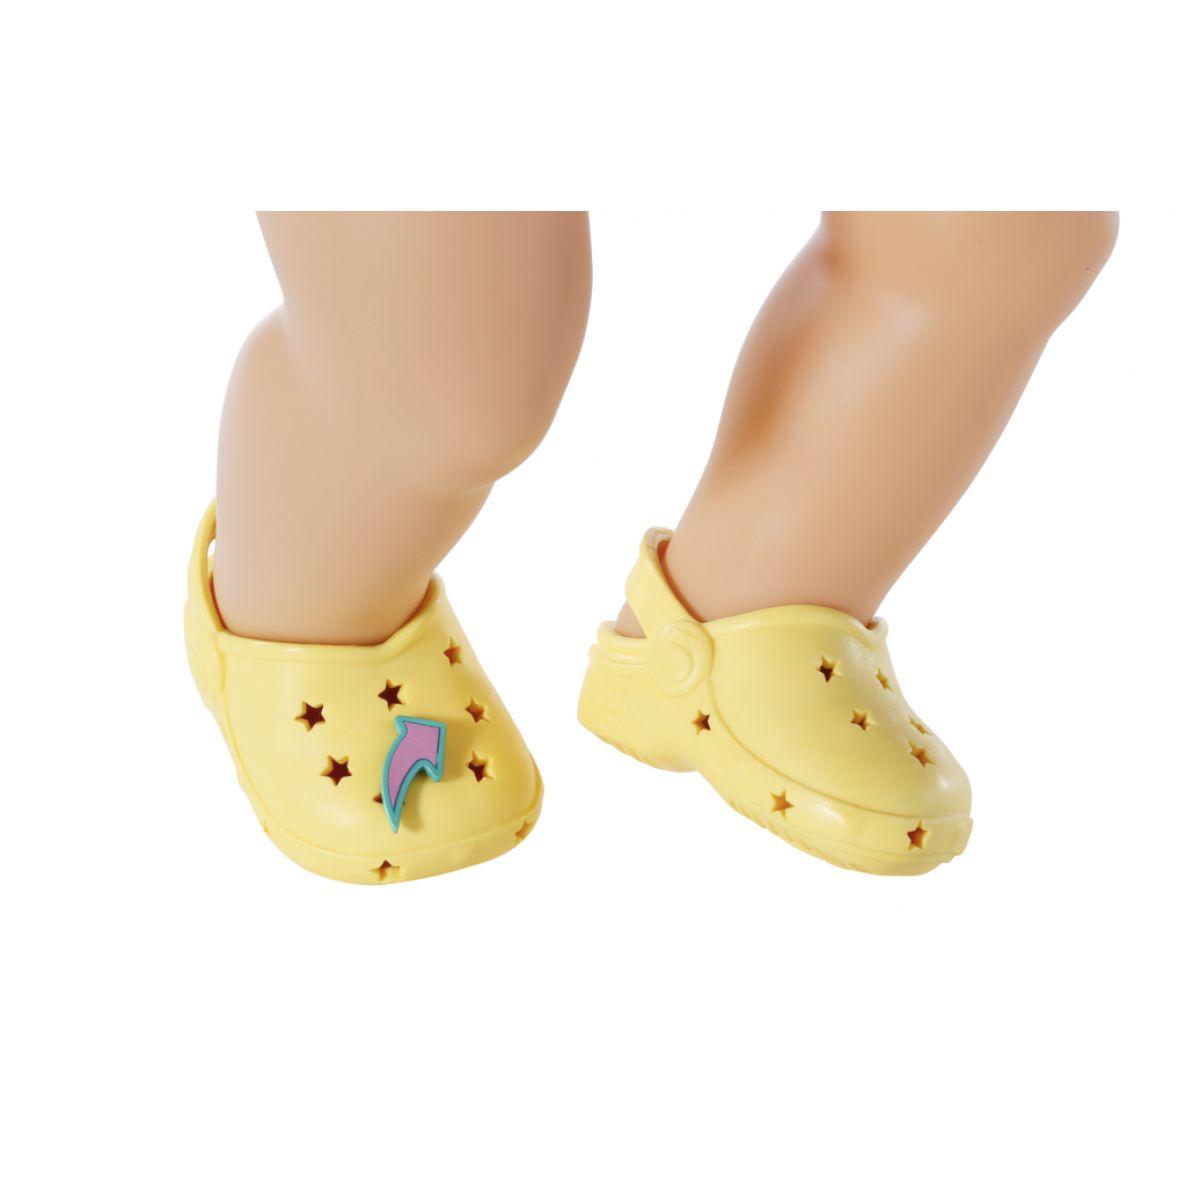 Zapf Creation BABY born Gumové sandálky žlté